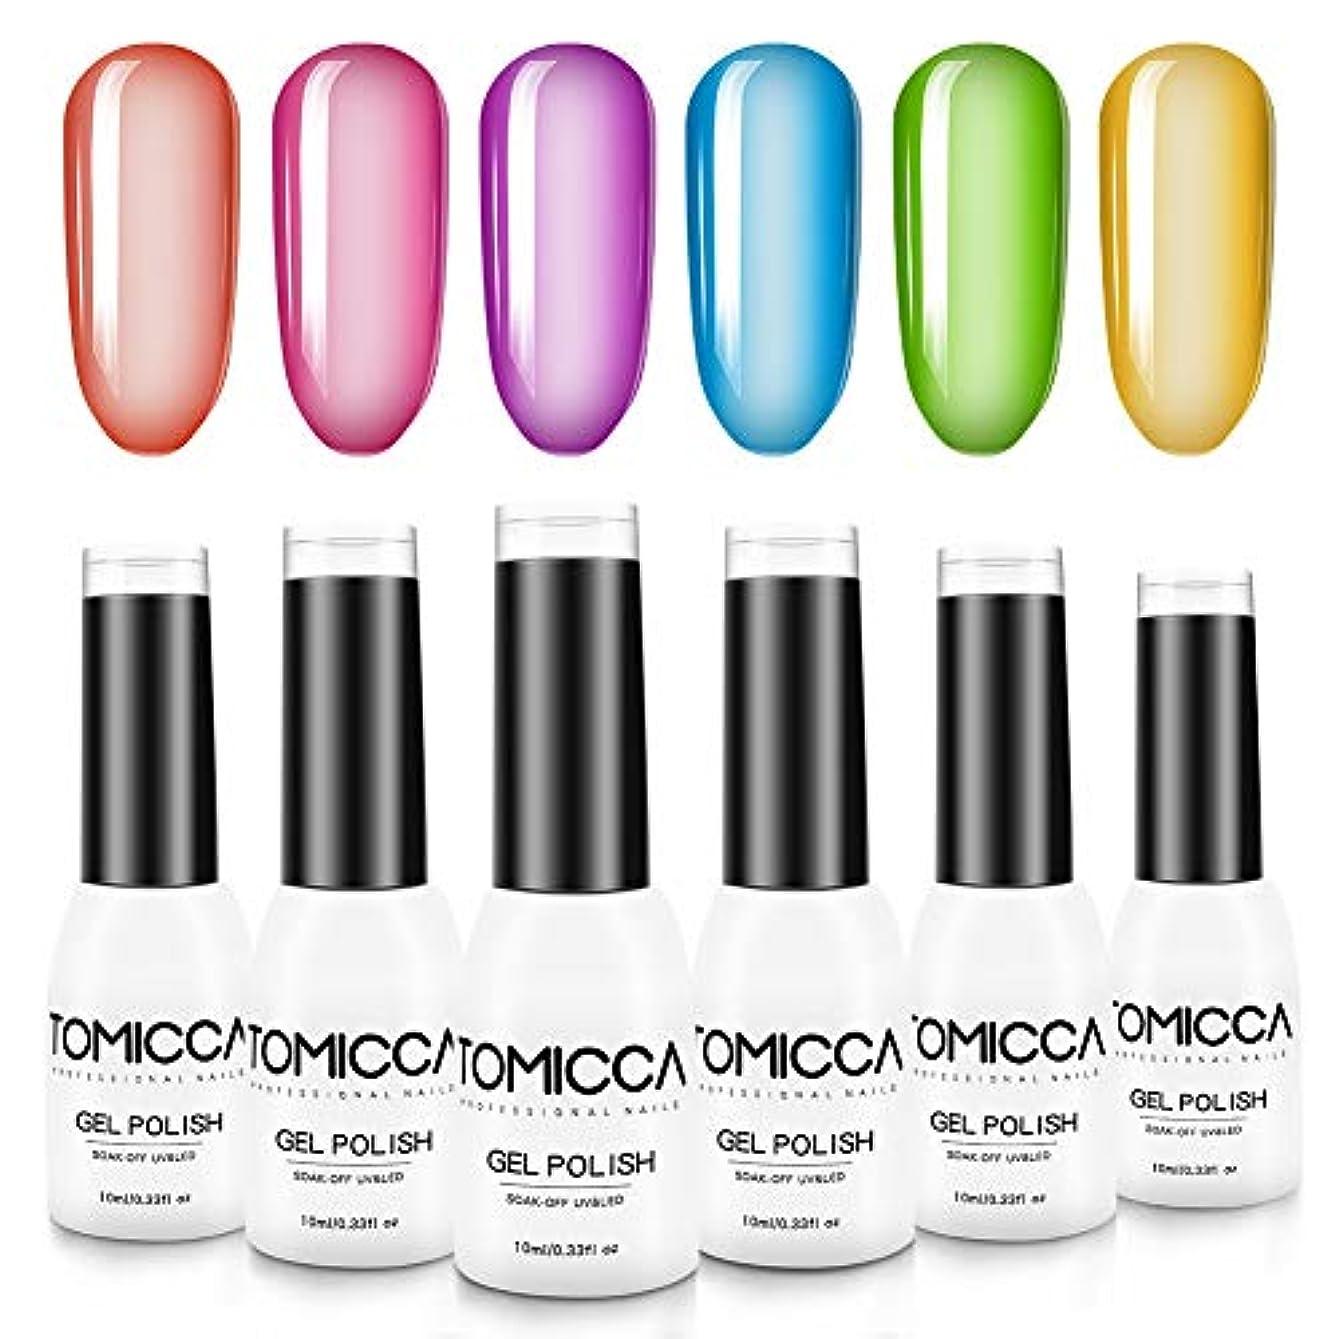 カバー整然とした解体するTOMICCA ジェルネイル カラー 6色セット 10ml ピンキーカラー 色持ち良い 可愛い 初心者用カラージェル